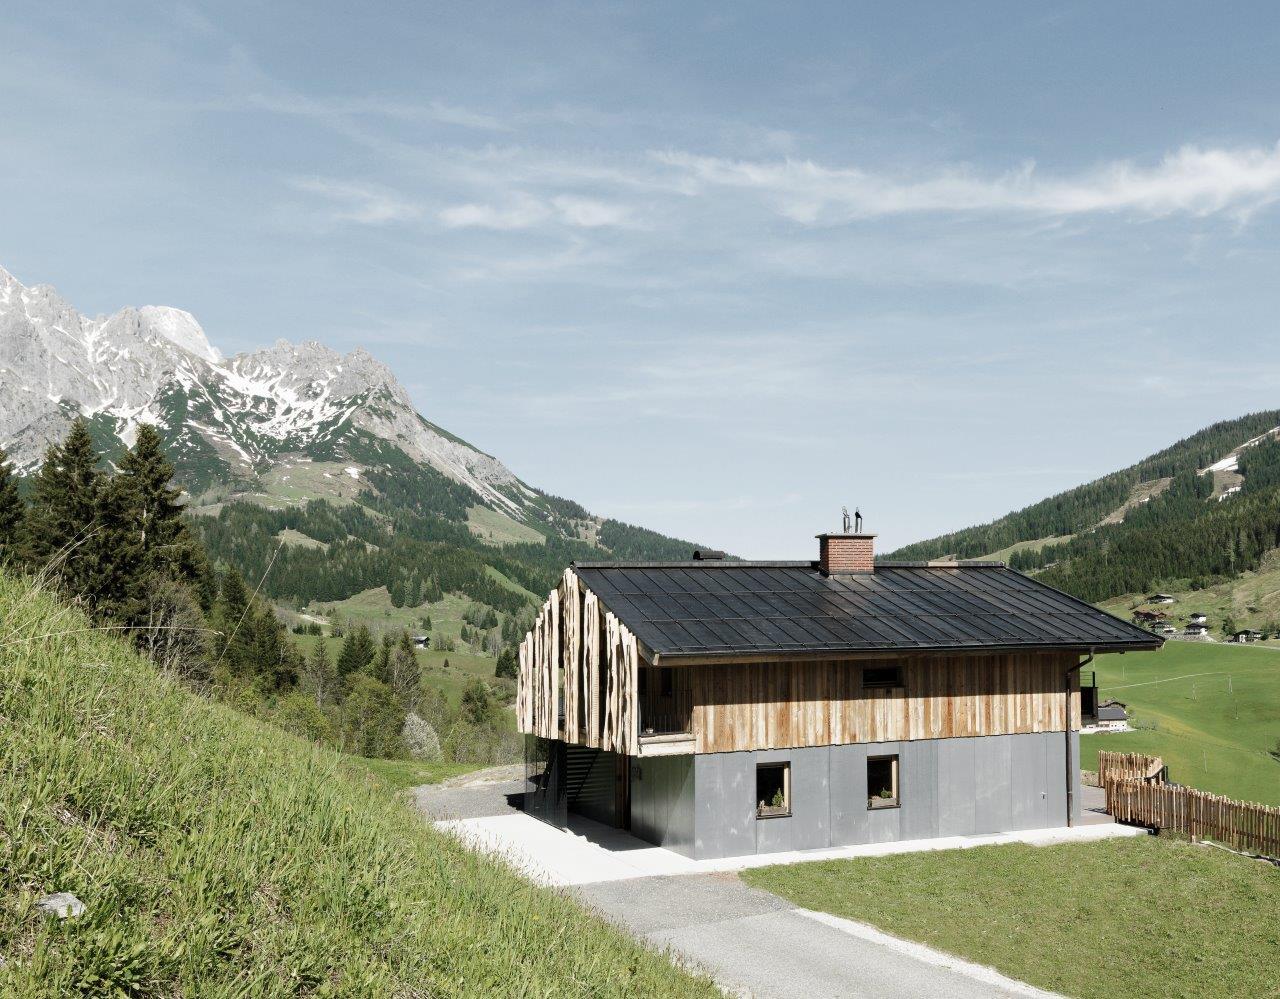 Ferienhaus mit vintage fassade 100 h user - Ferienhaus architektur ...